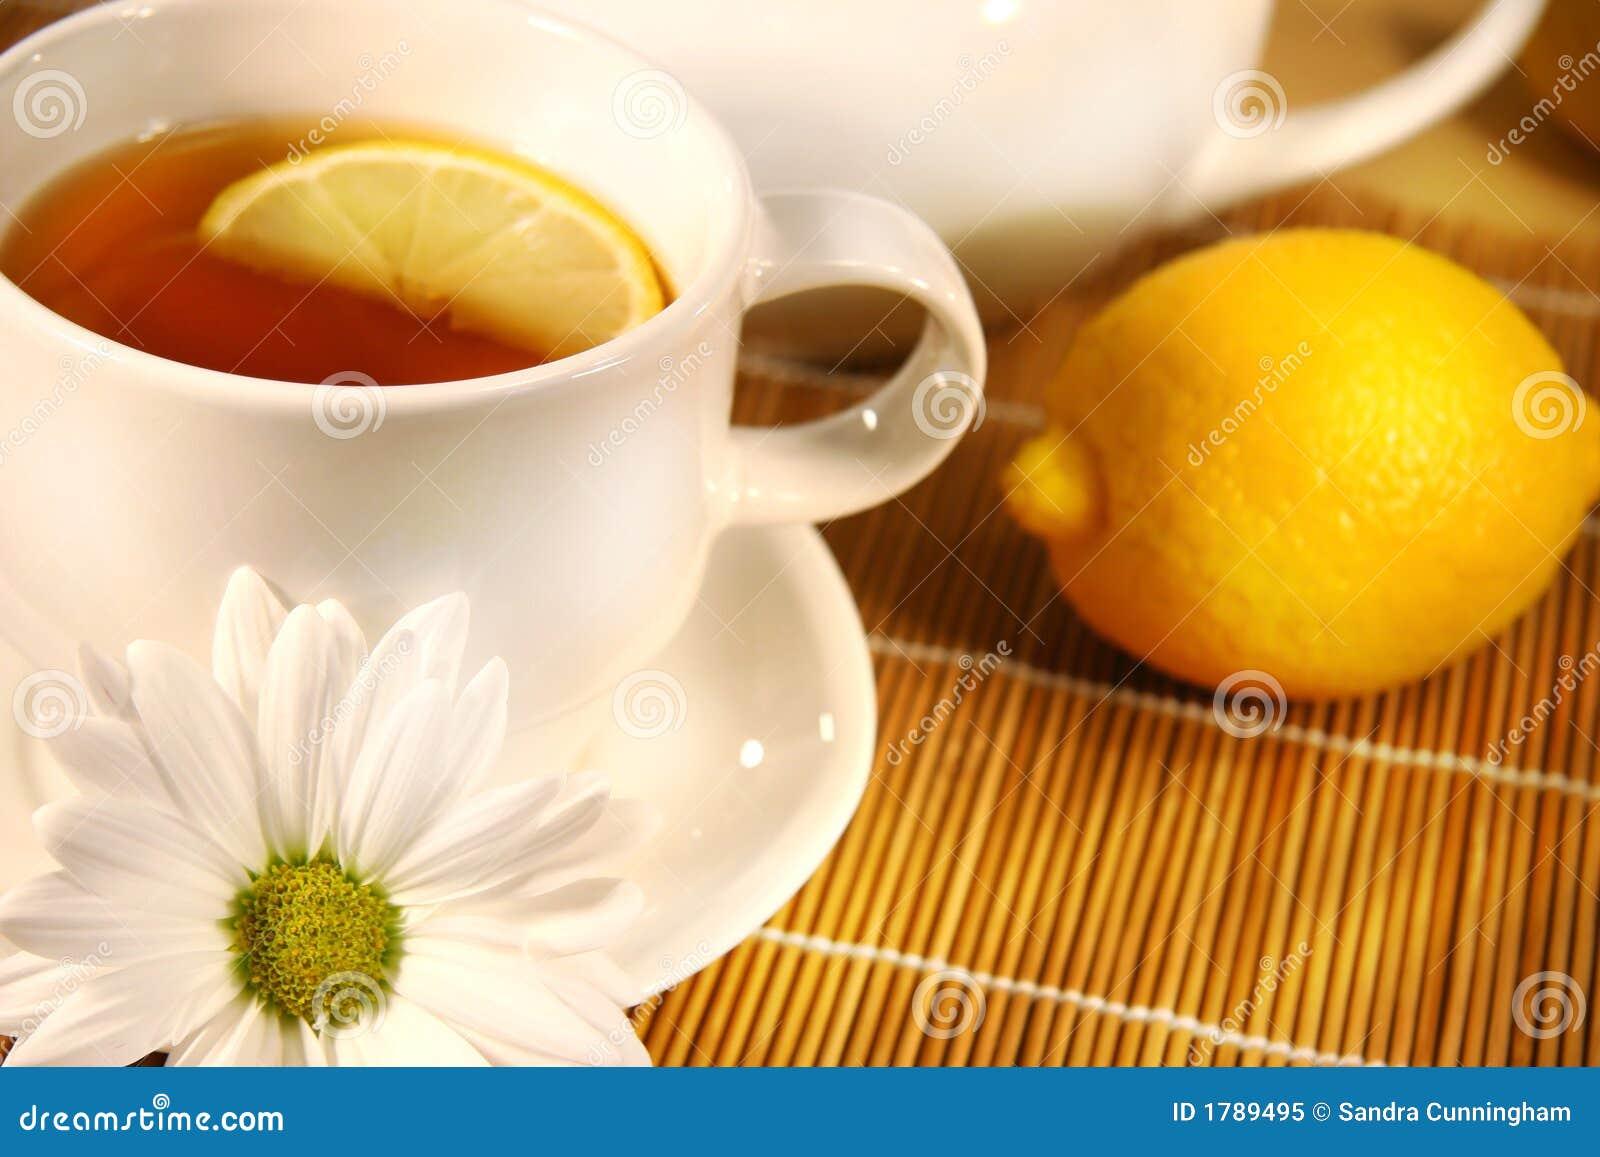 Tea and lemon slice